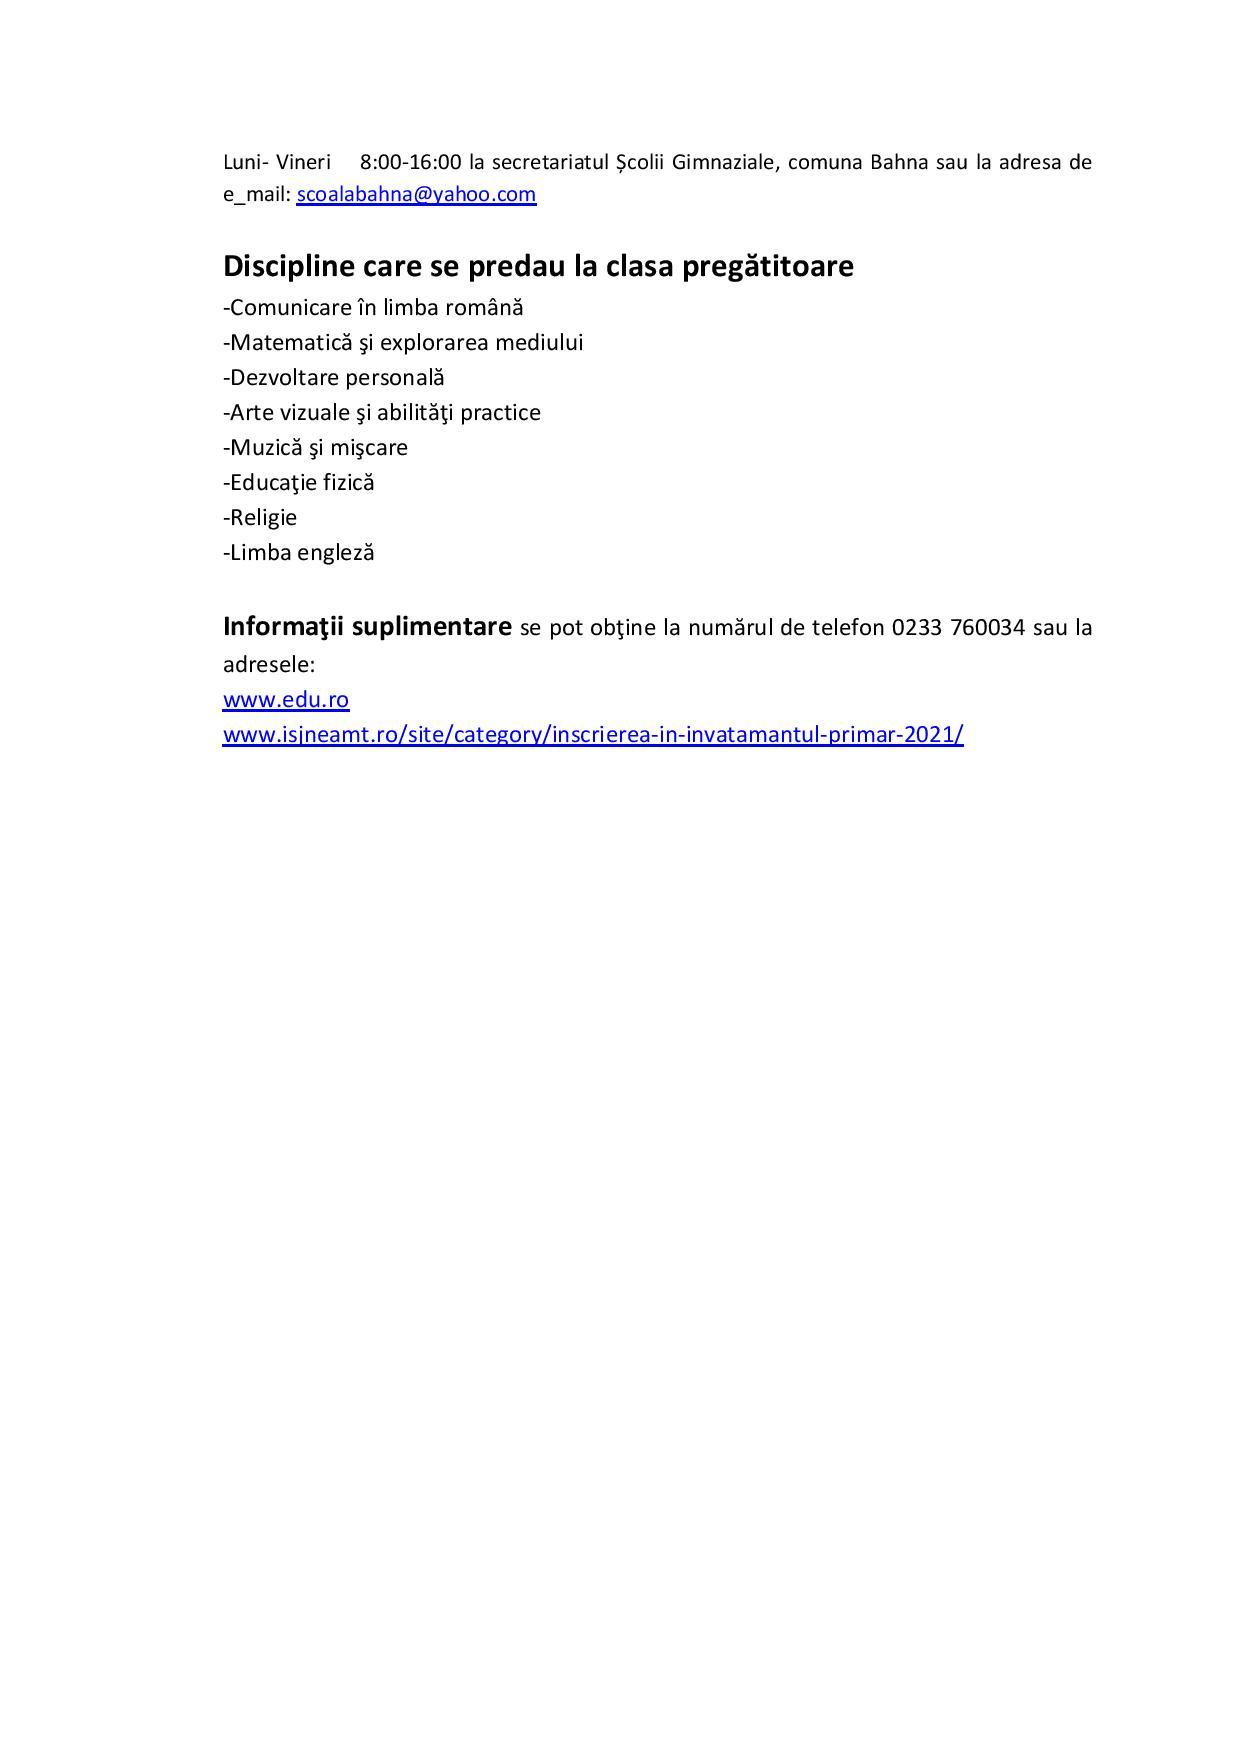 Inscrierea copiilor în invatamantul primar 2021-page-002